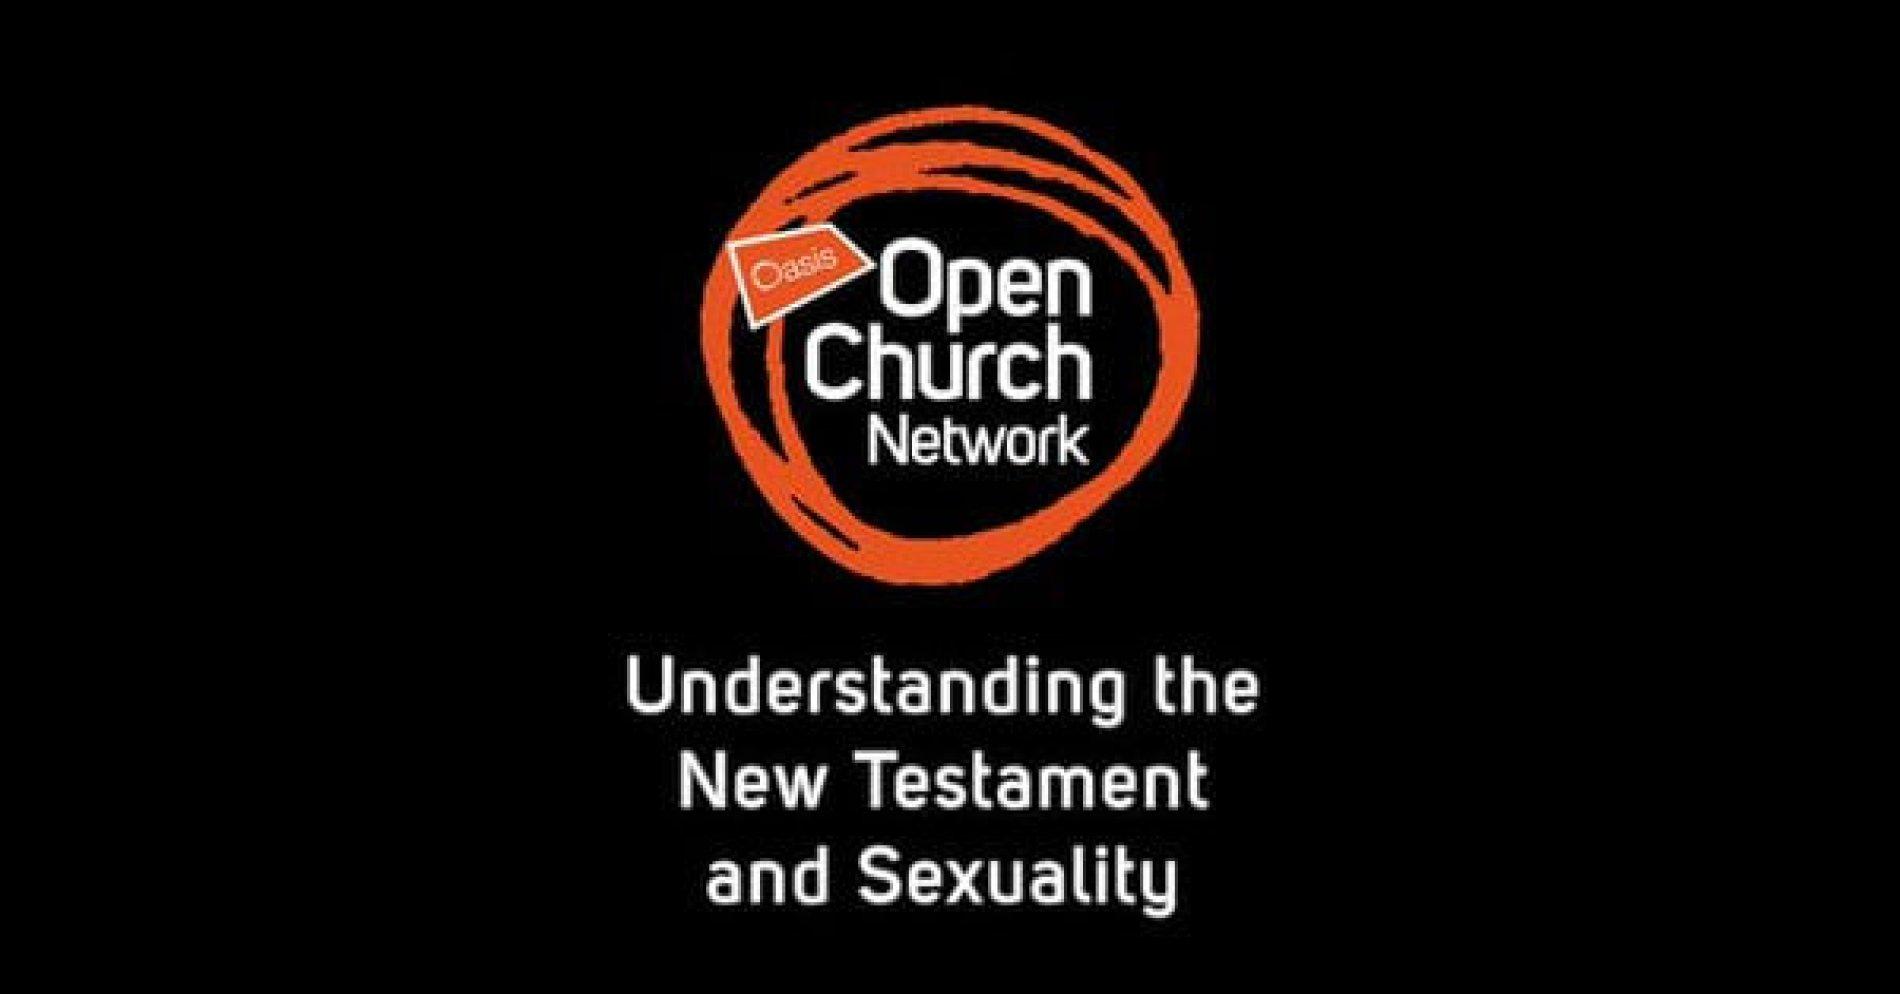 Kan oude porno de manier veranderen hoe we over christendom en homoseksualiteit denken?